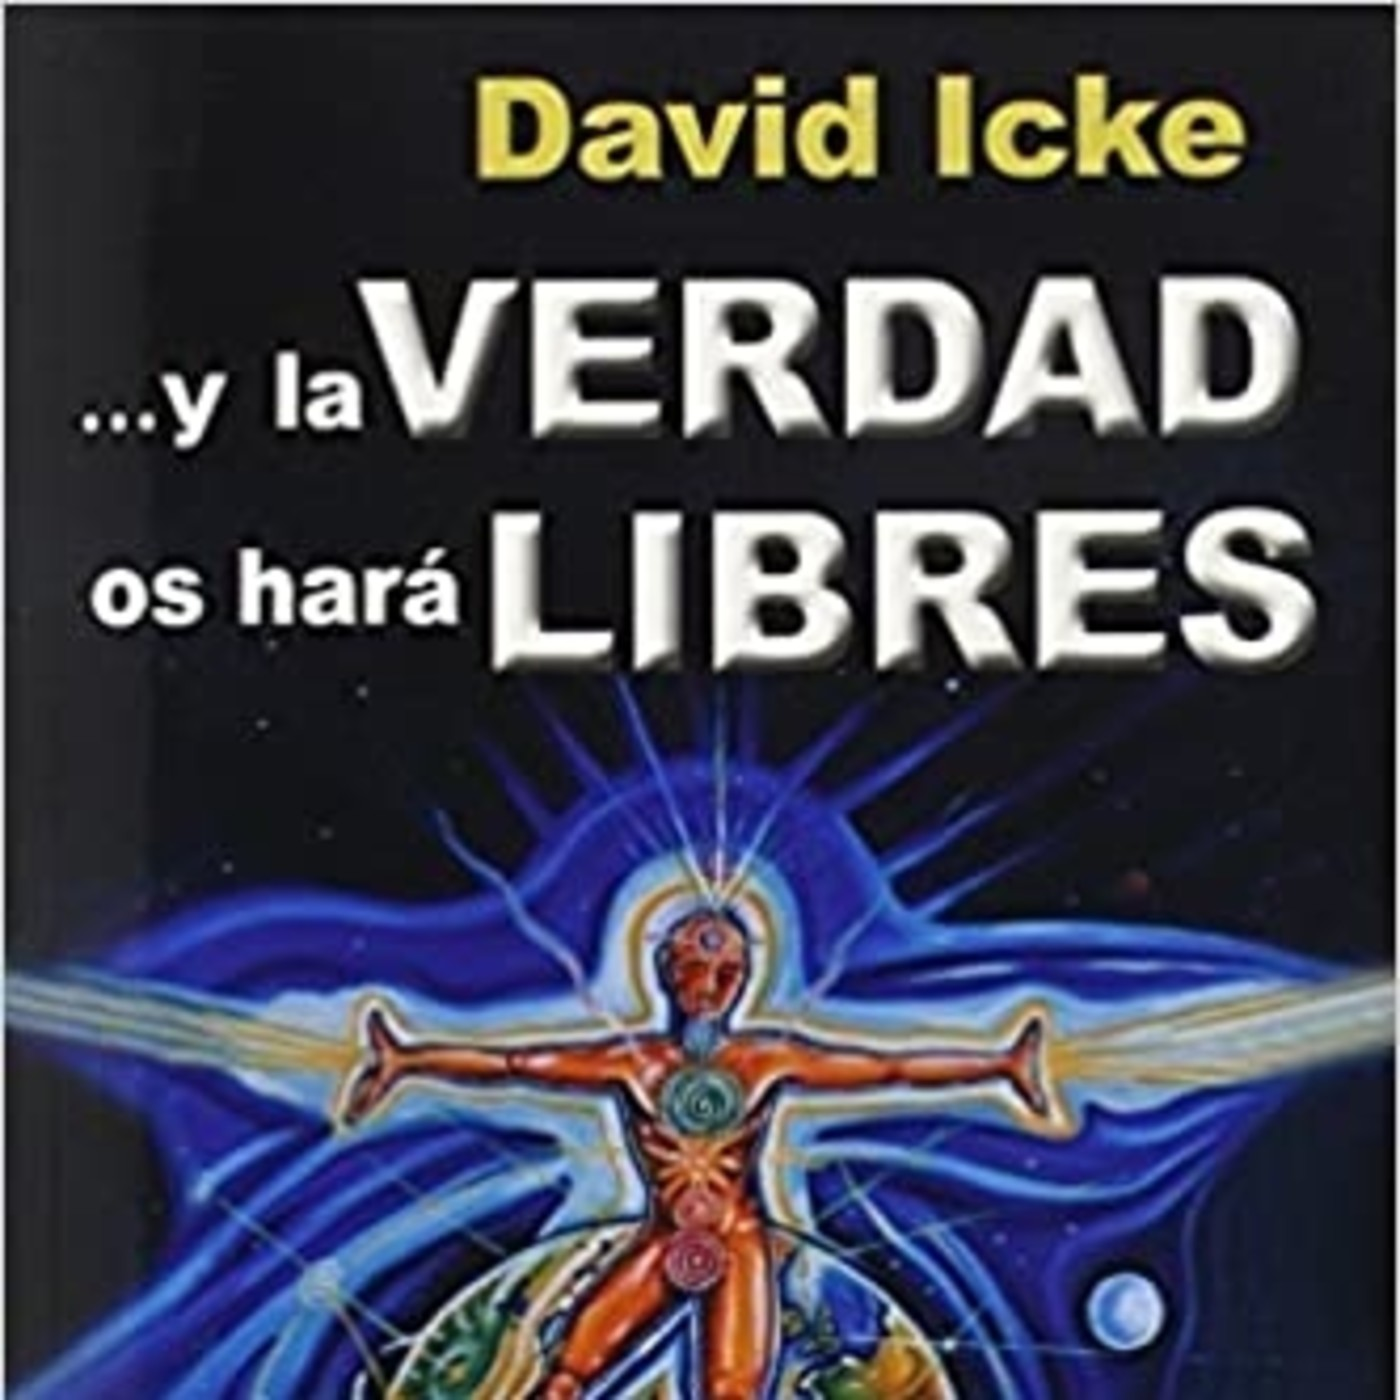 david icke y la verdad os hara libres pdf